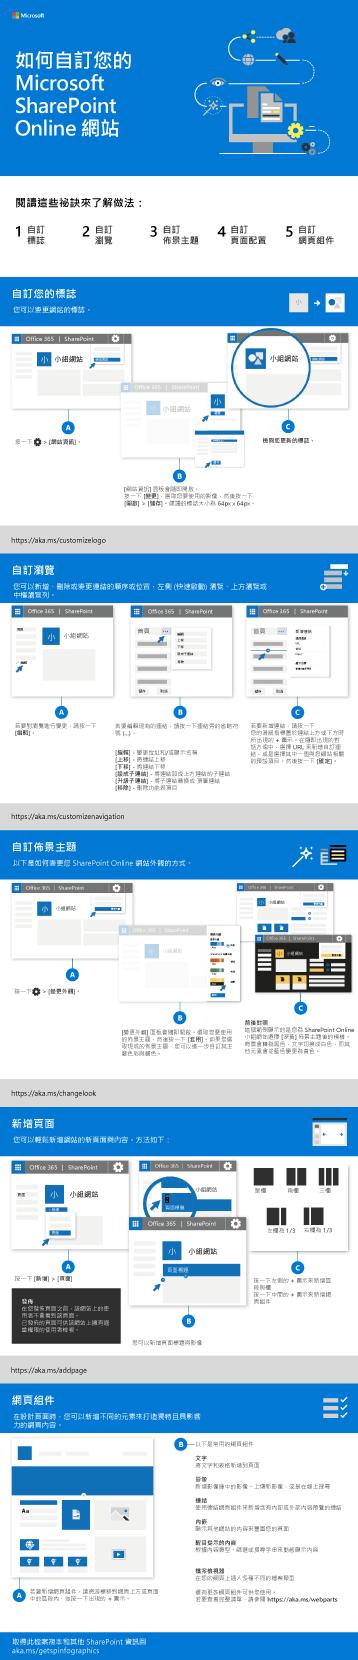 自訂 SharePoint 網站